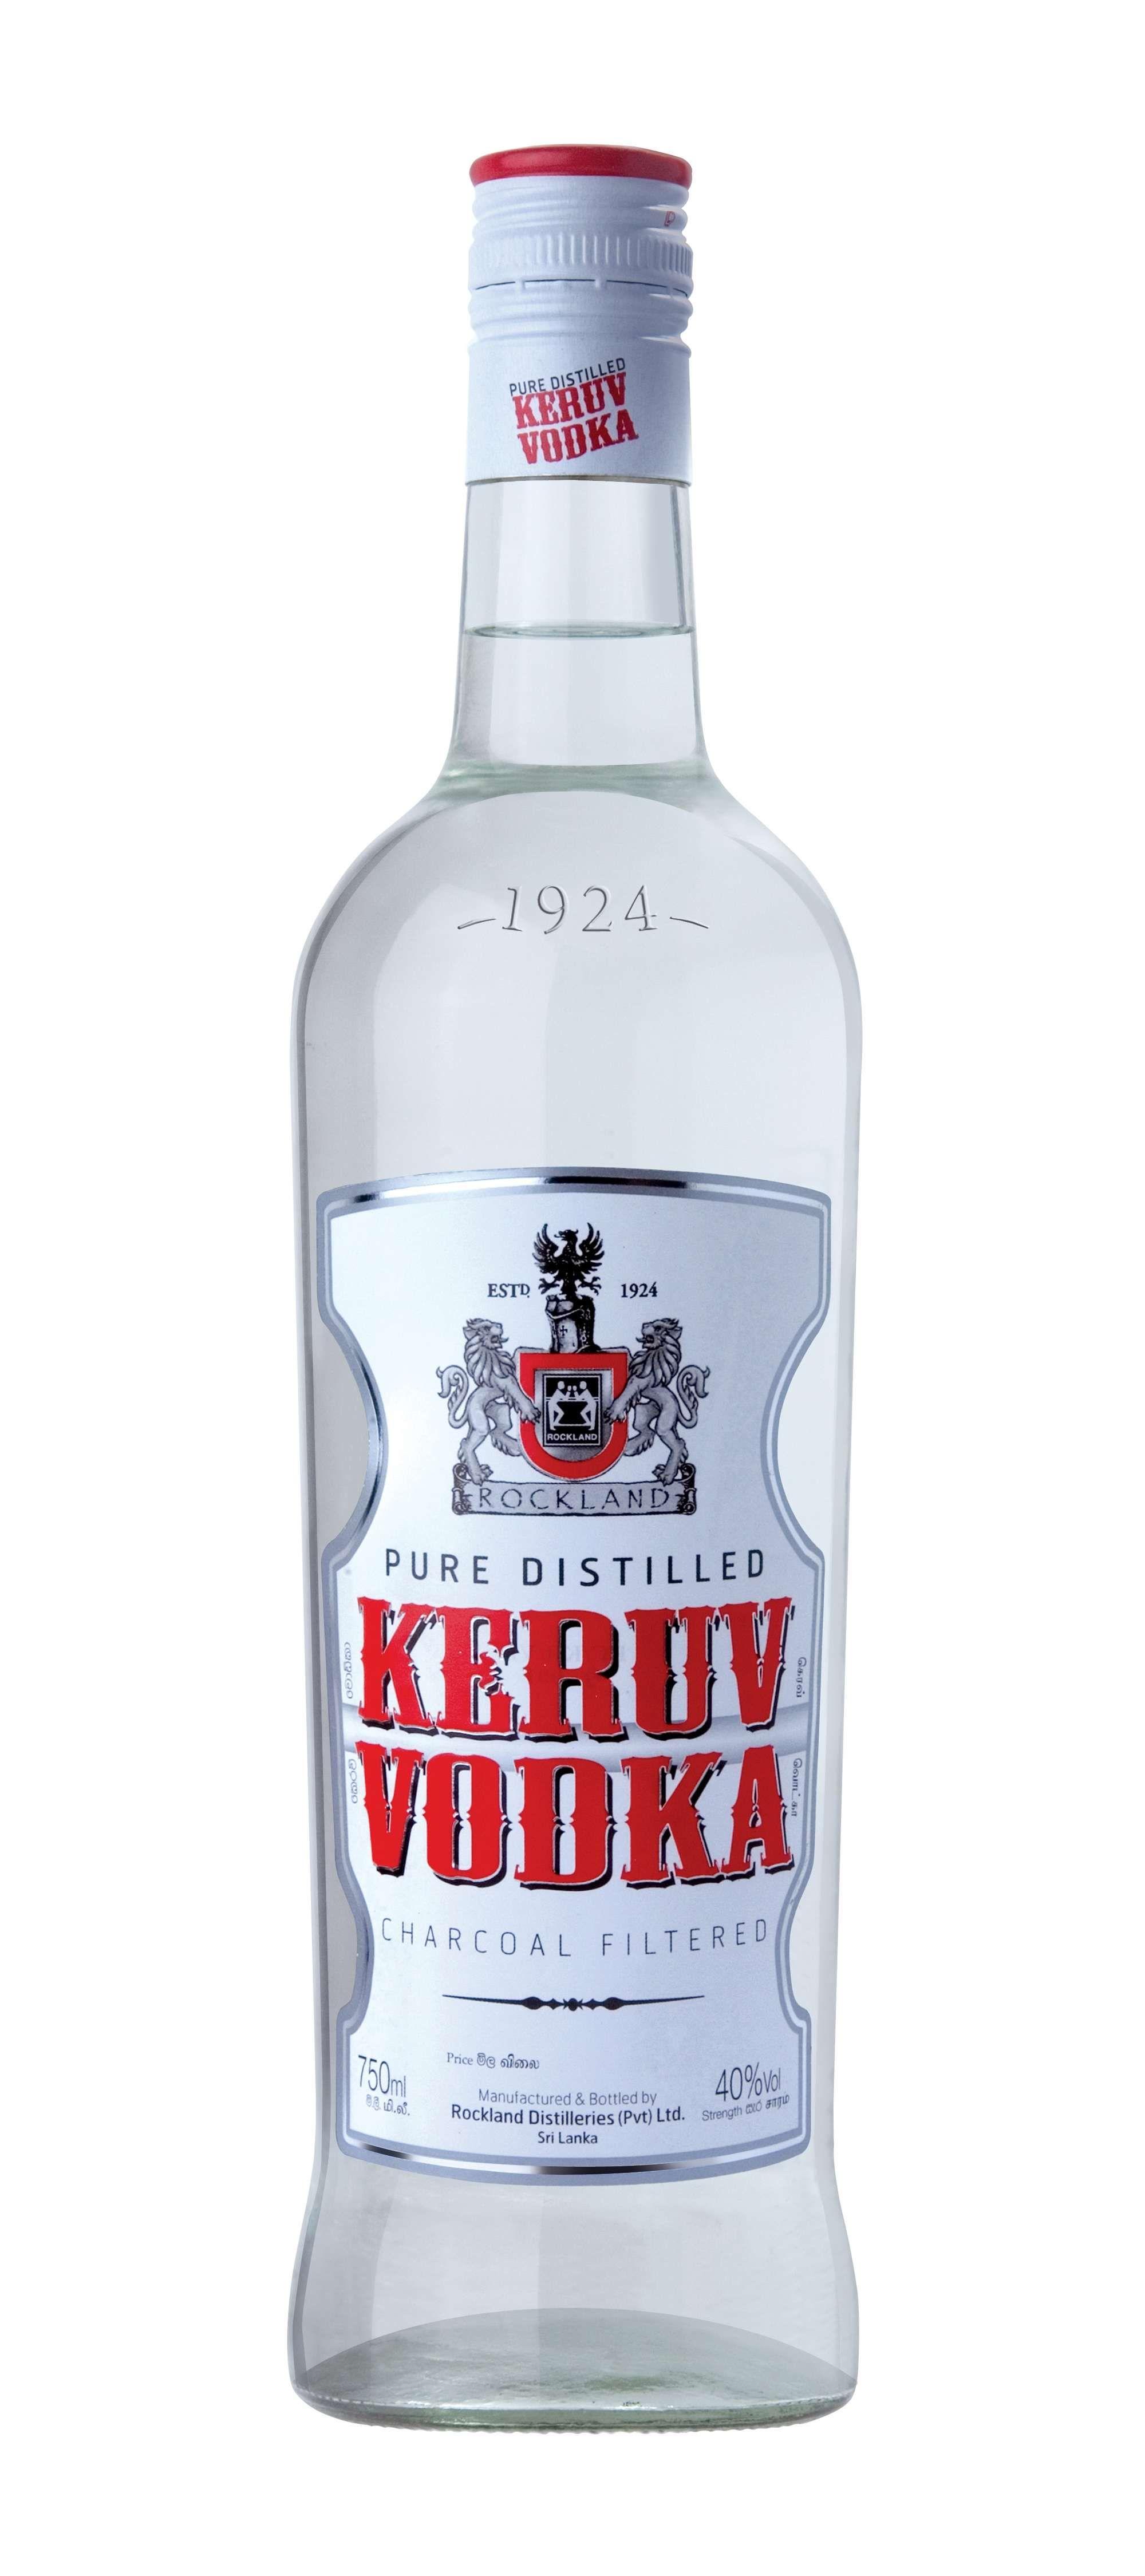 Smooth Keruv Vodka Rockland Srilanka Spirits Sl Lk Lka